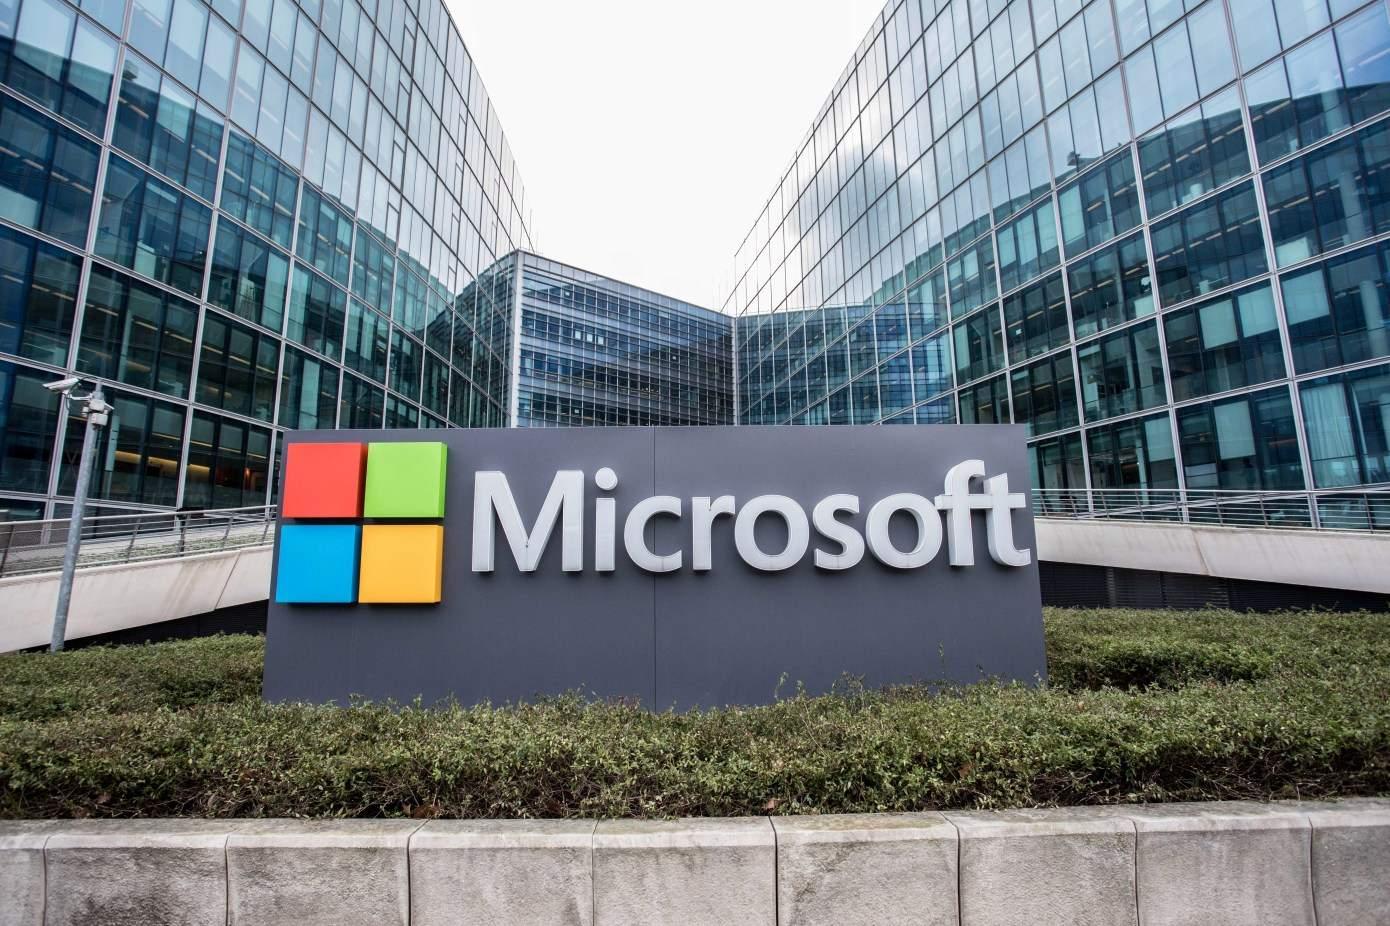 Ataque cibernético comandado por hackers chineses atinge clientes da Microsoft